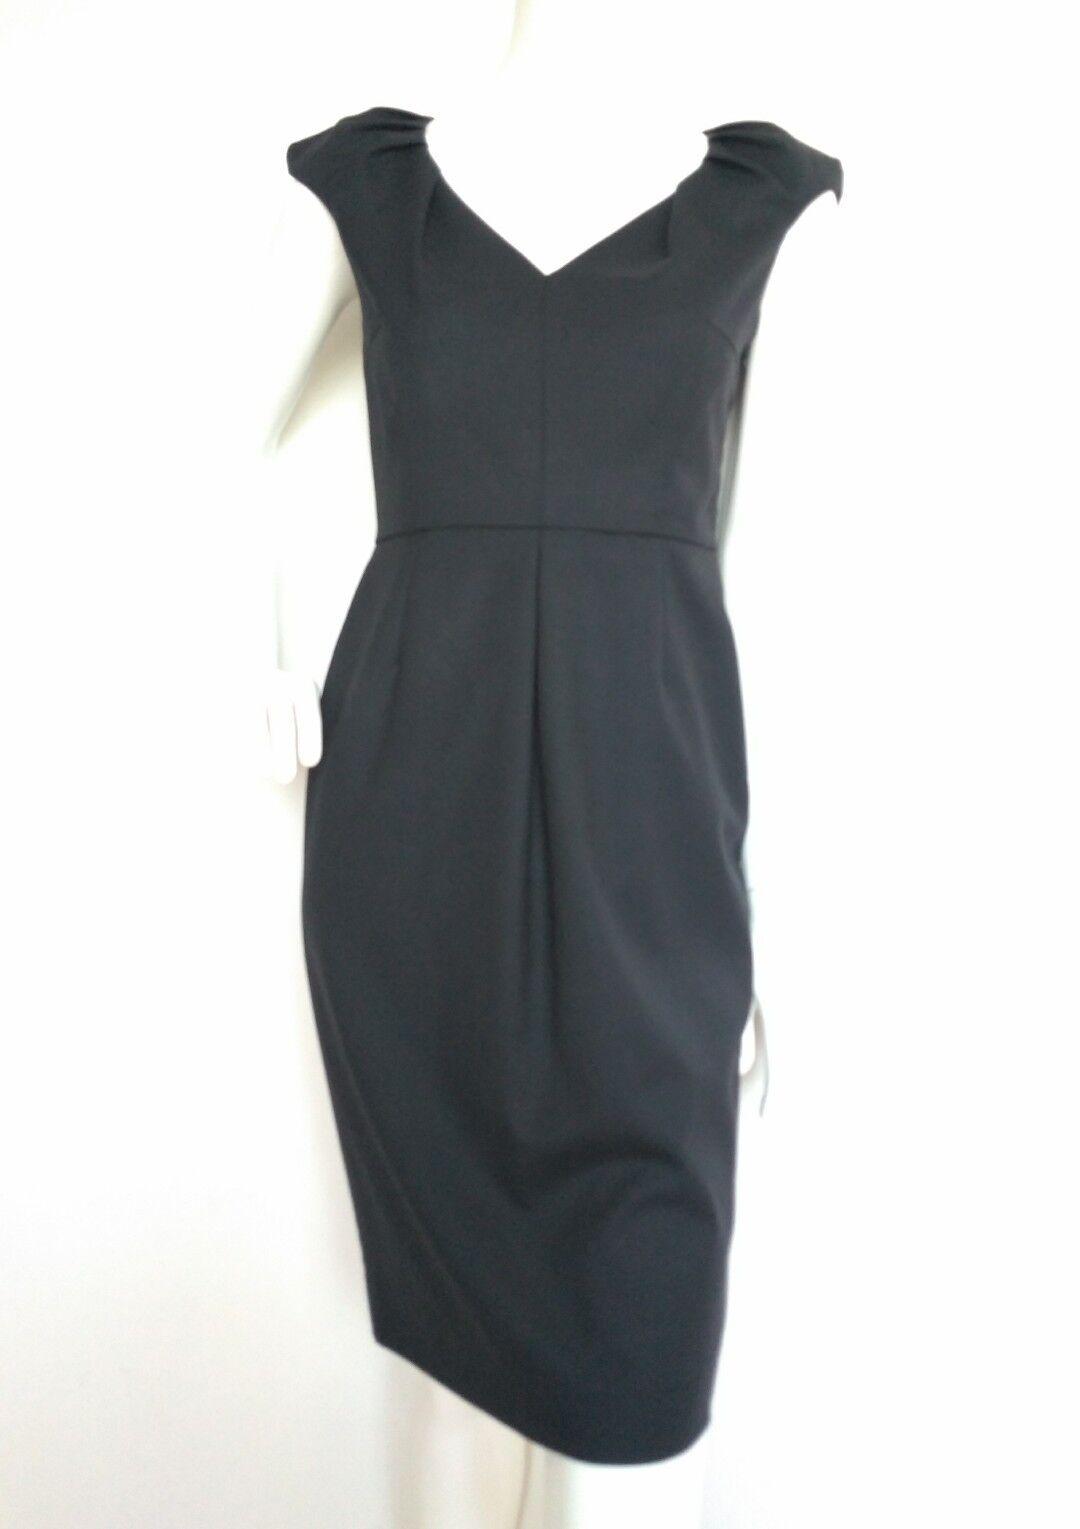 Designer LK BENNETT schwarz Shift Robe Größe 8 -- utilisé une fois -- longu genou laine mélangée